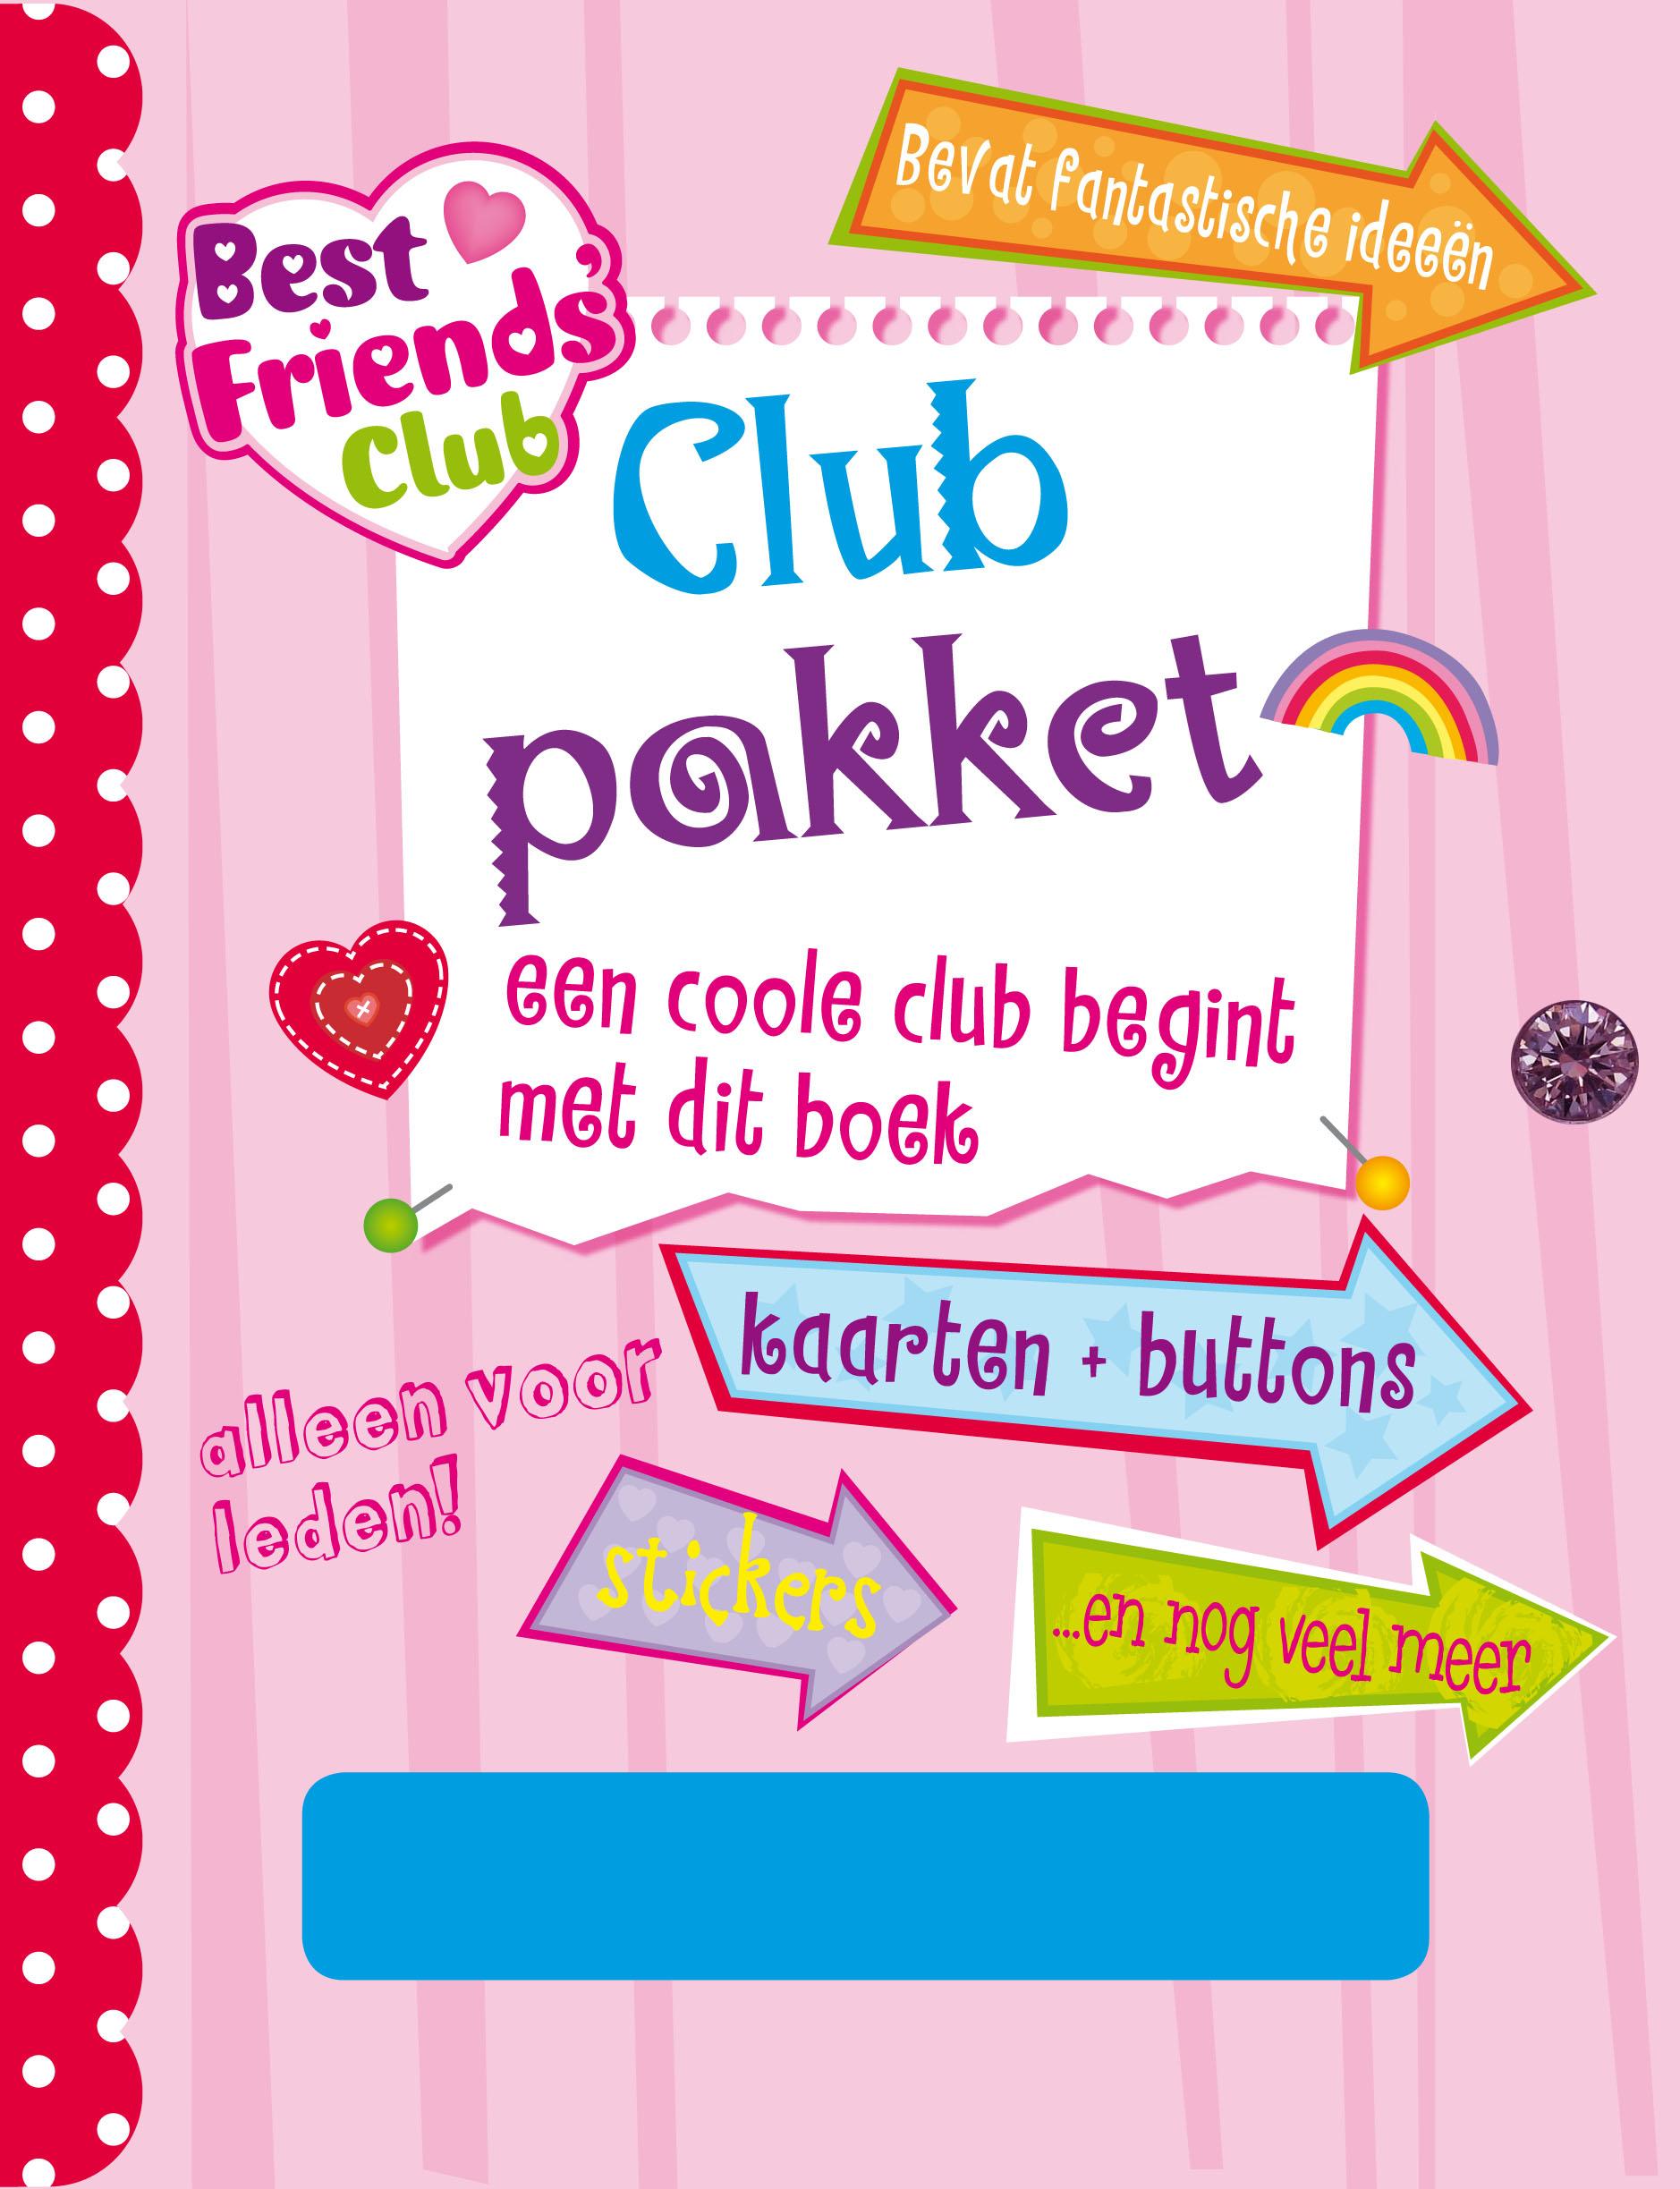 Best Friends Club Club pakket